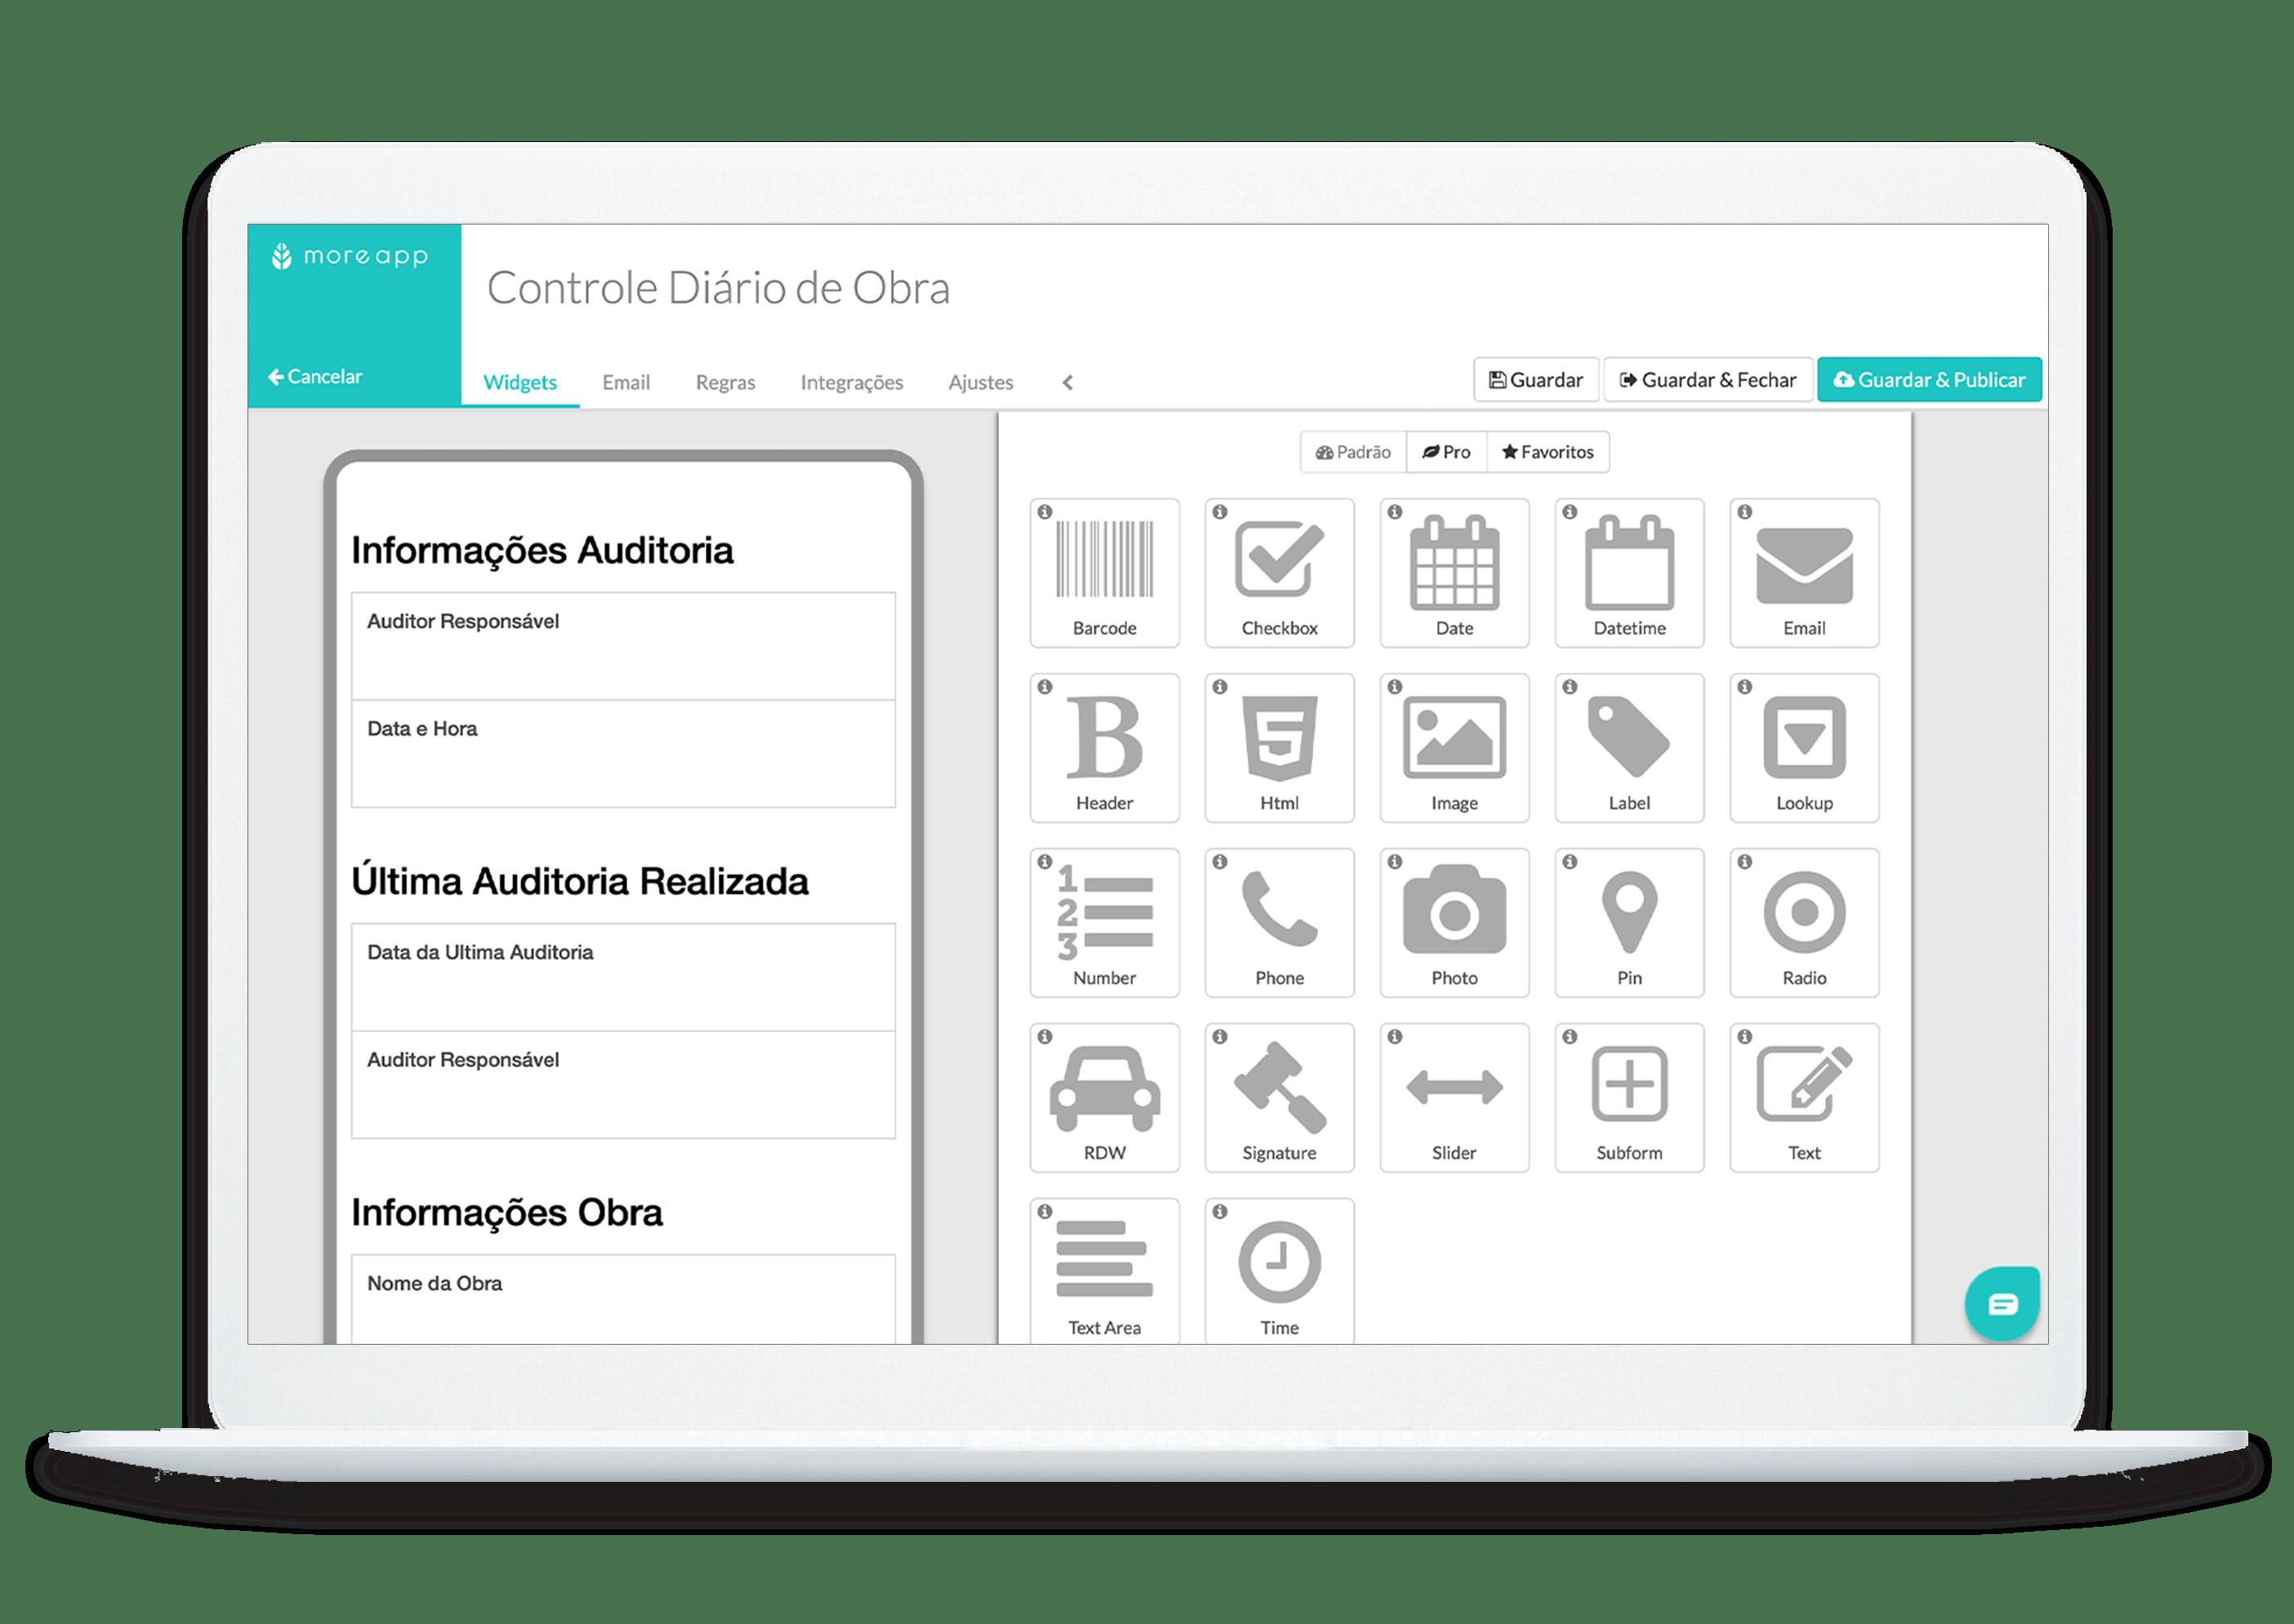 MoreApp Formulários App de Controlo Diário de Obra